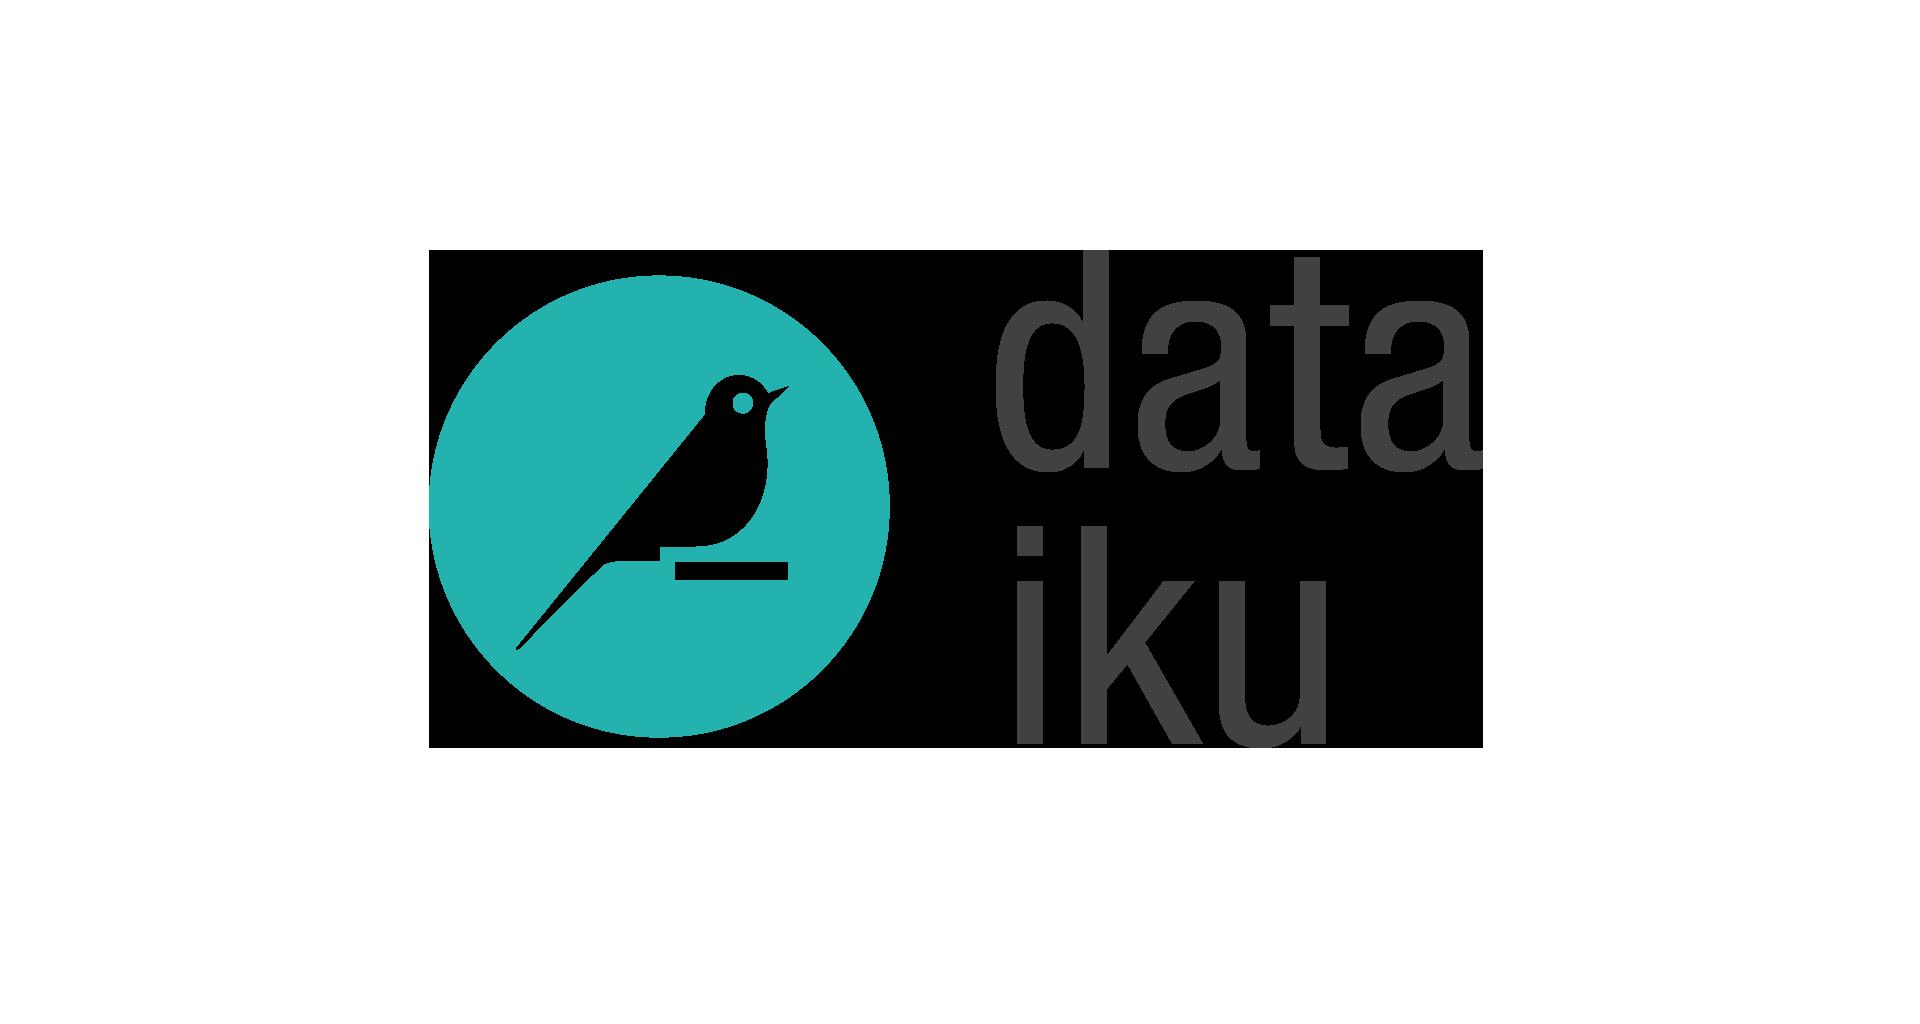 Dataiku_logo_201512_03_Color.png